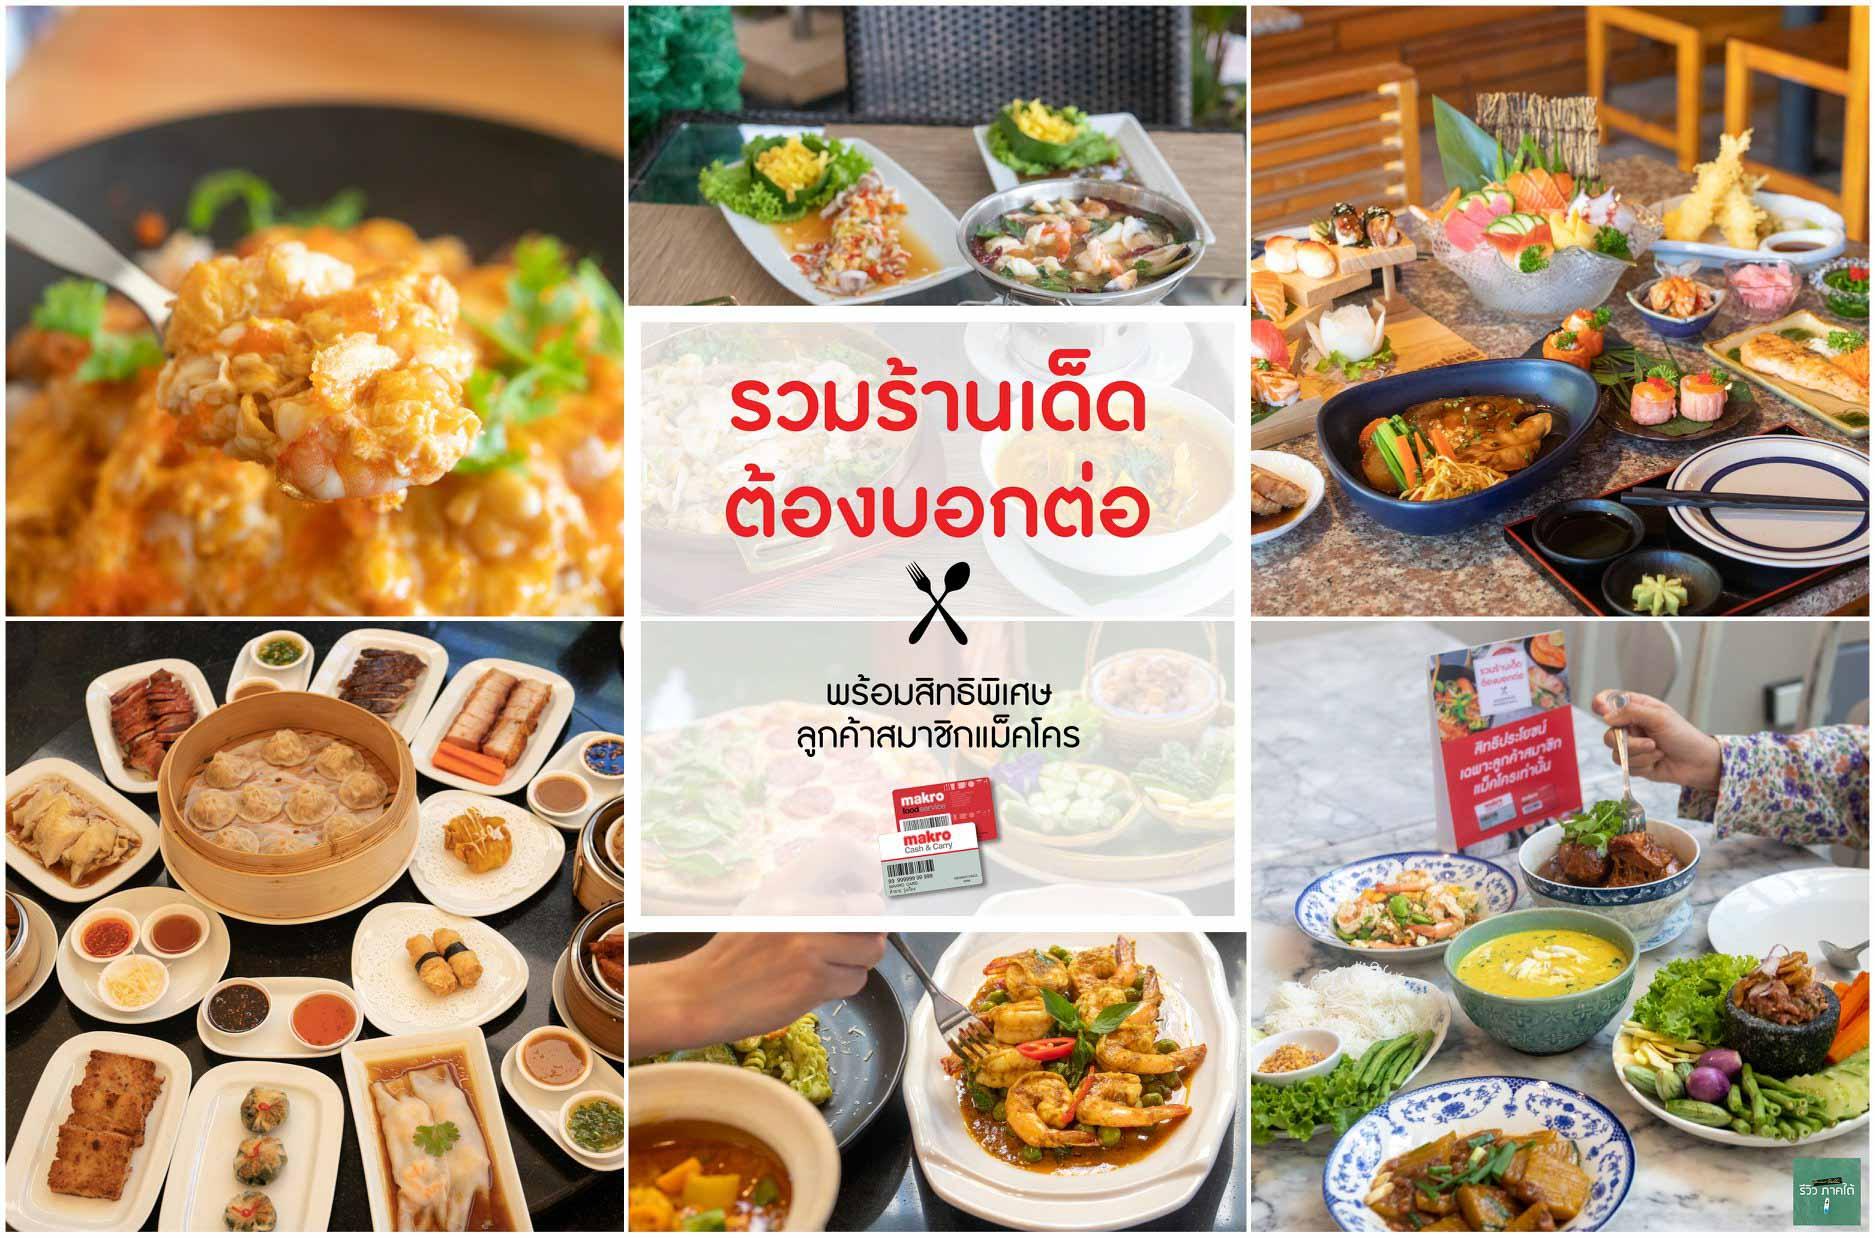 19 ร้านอาหารเด็ดภูเก็ต 2021 บอกเลยครบทุกสไตล์ ทั้งอาหาร ไทย จีน ญี่ปุ่น ติ่มซำ อาหารพื้นบ้านพื้นเมือง ต้องไปให้ครบ